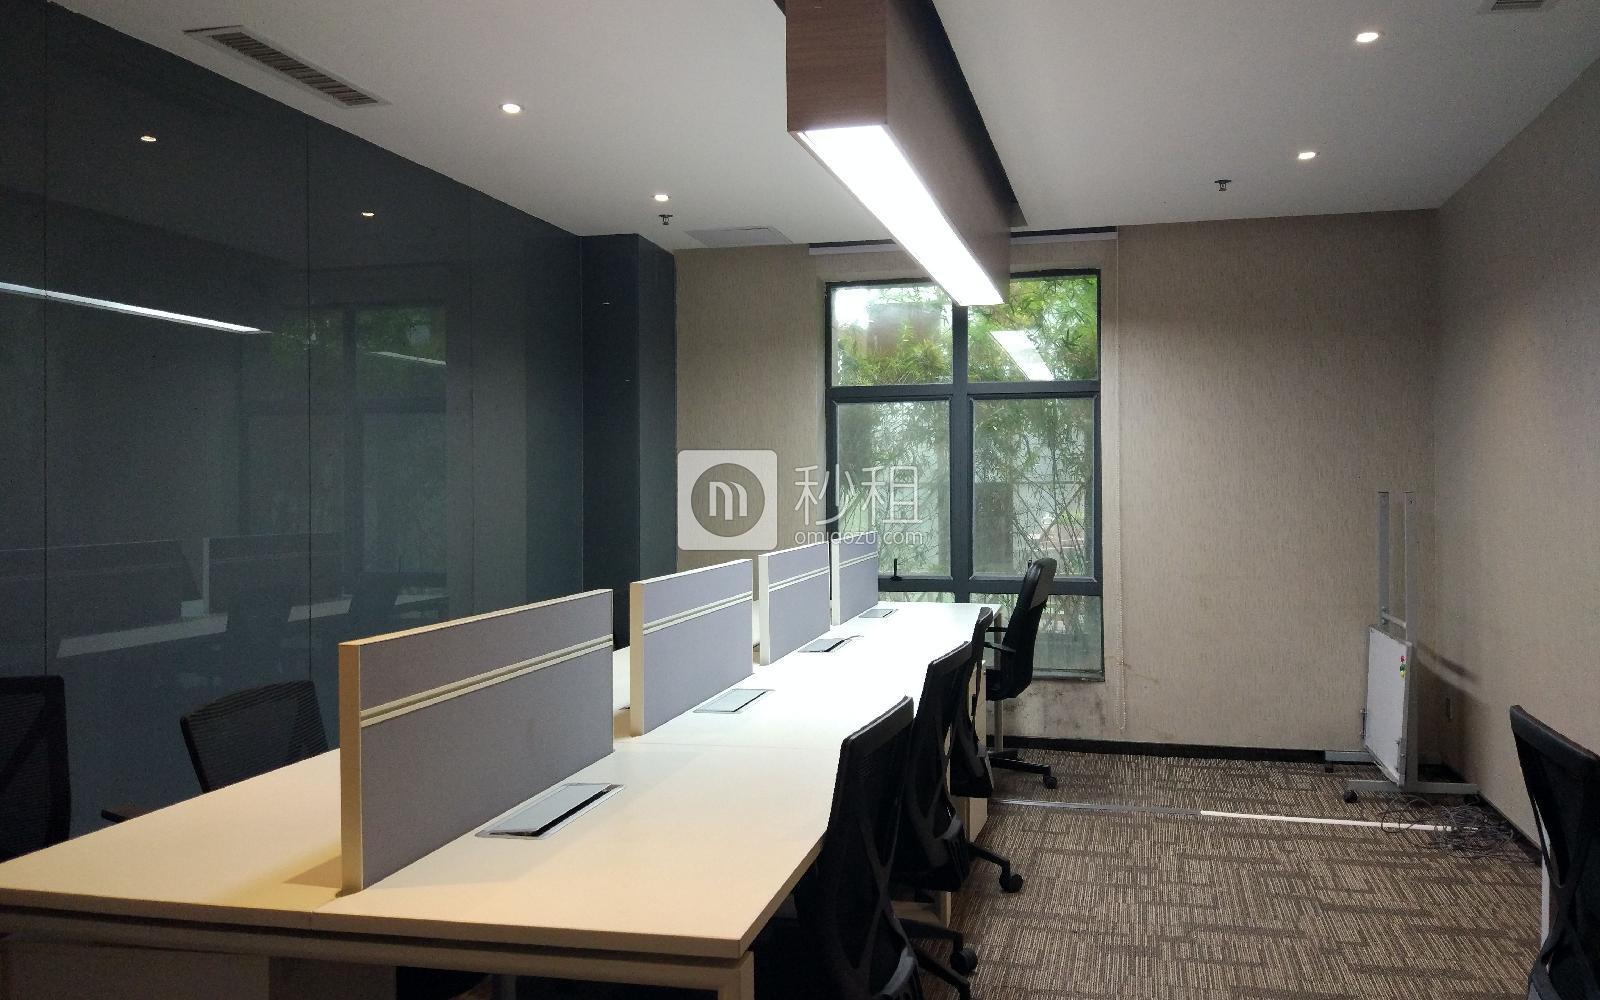 锦会-丽雅查尔顿广场写字楼出租68平米精装办公室12800元/间.月